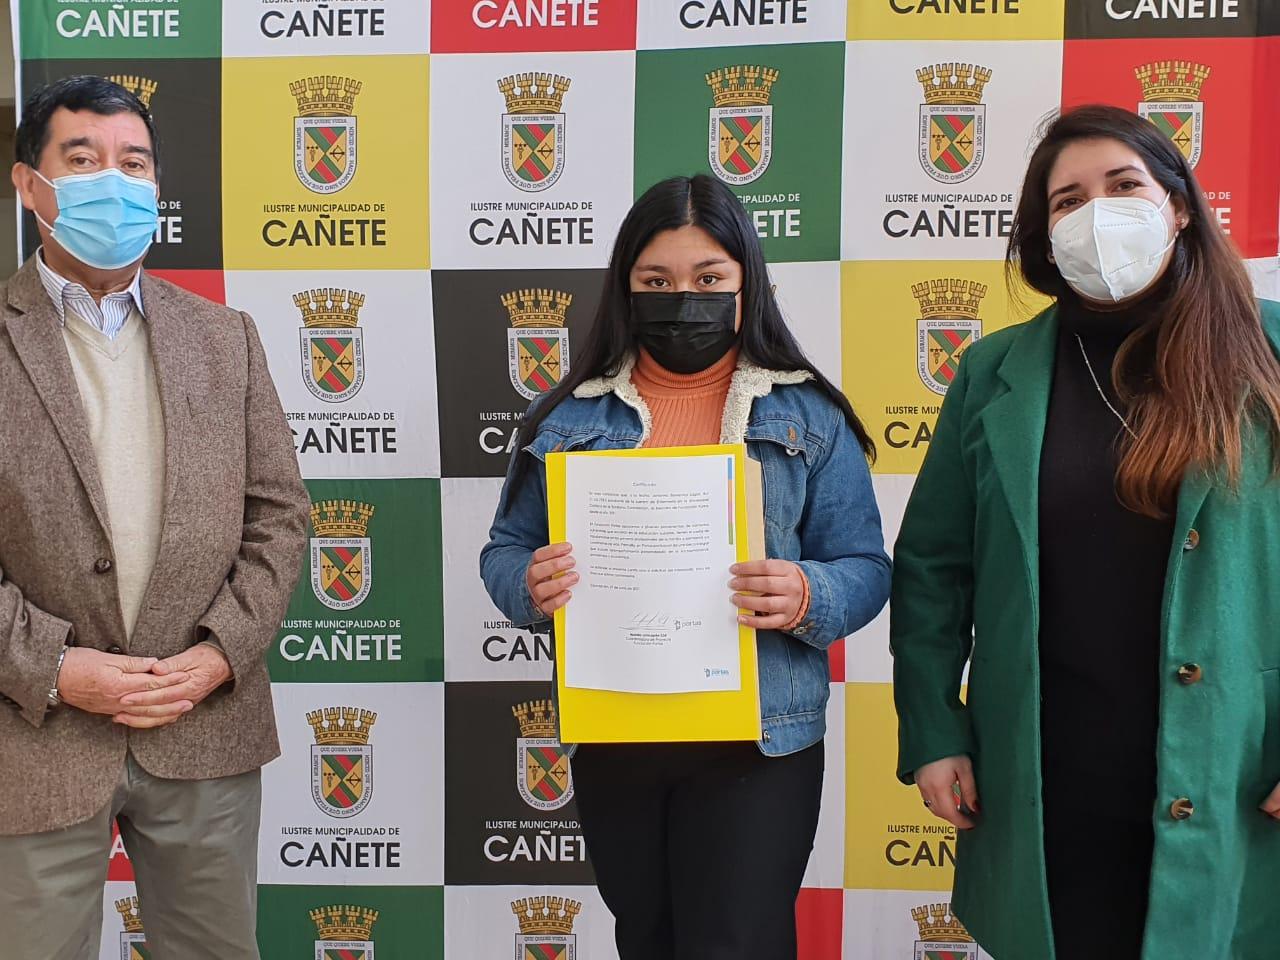 CINCO ESTUDIANTES CAÑETINOS DEL INTERNADO LA GRANJA RECIBIERON IMPORTANTE BECA ENTREGADA POR LA FUNDACIÓN PORTAS